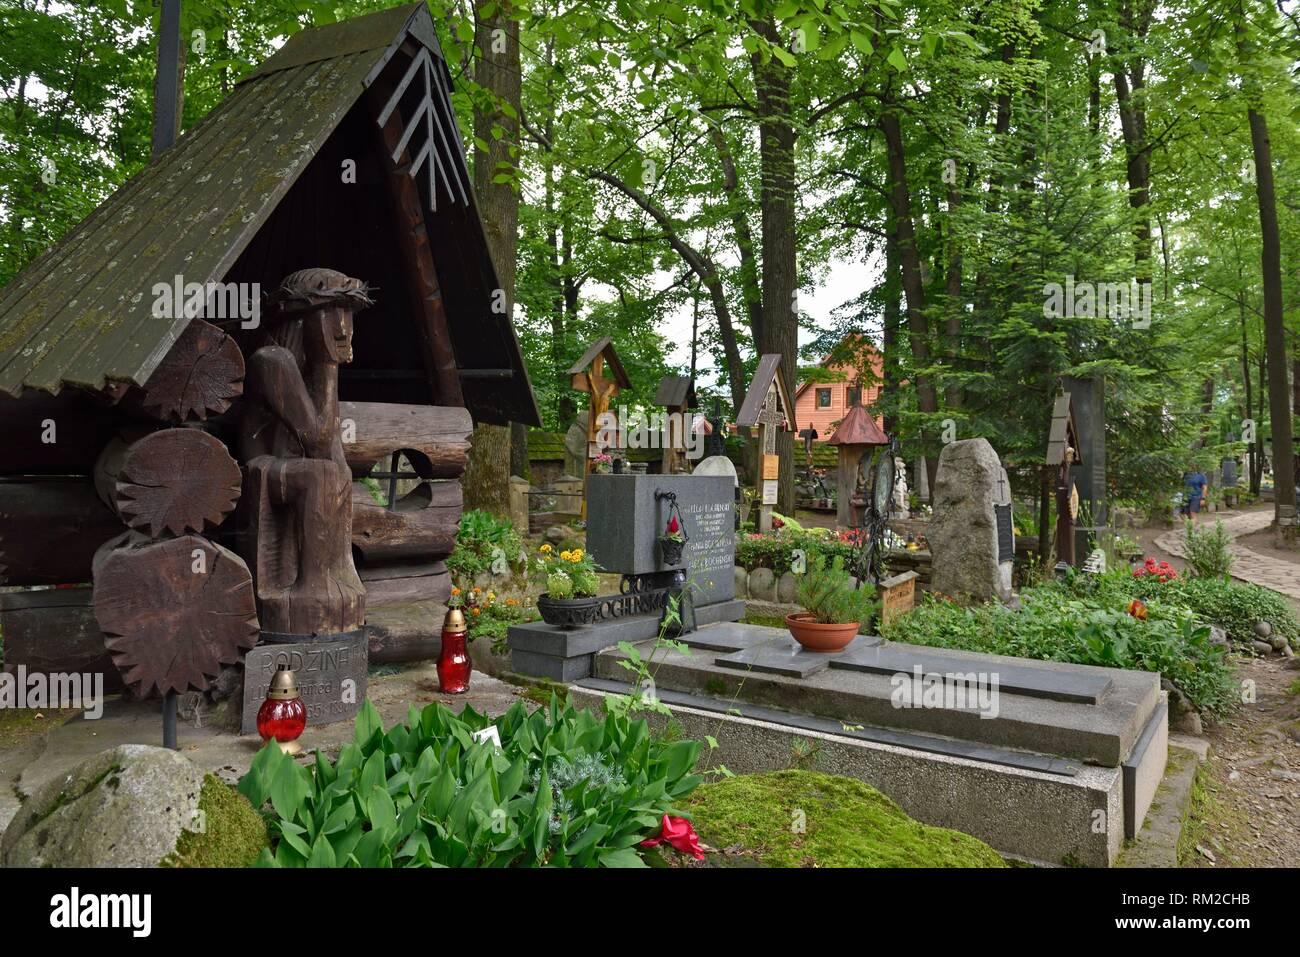 Rappresentazione di ''preoccupato'' o ''Distressed'' Cristo, relative al polacco della cultura popolare, su legno stele funeraria nel vecchio cimitero di Zakopane, Immagini Stock